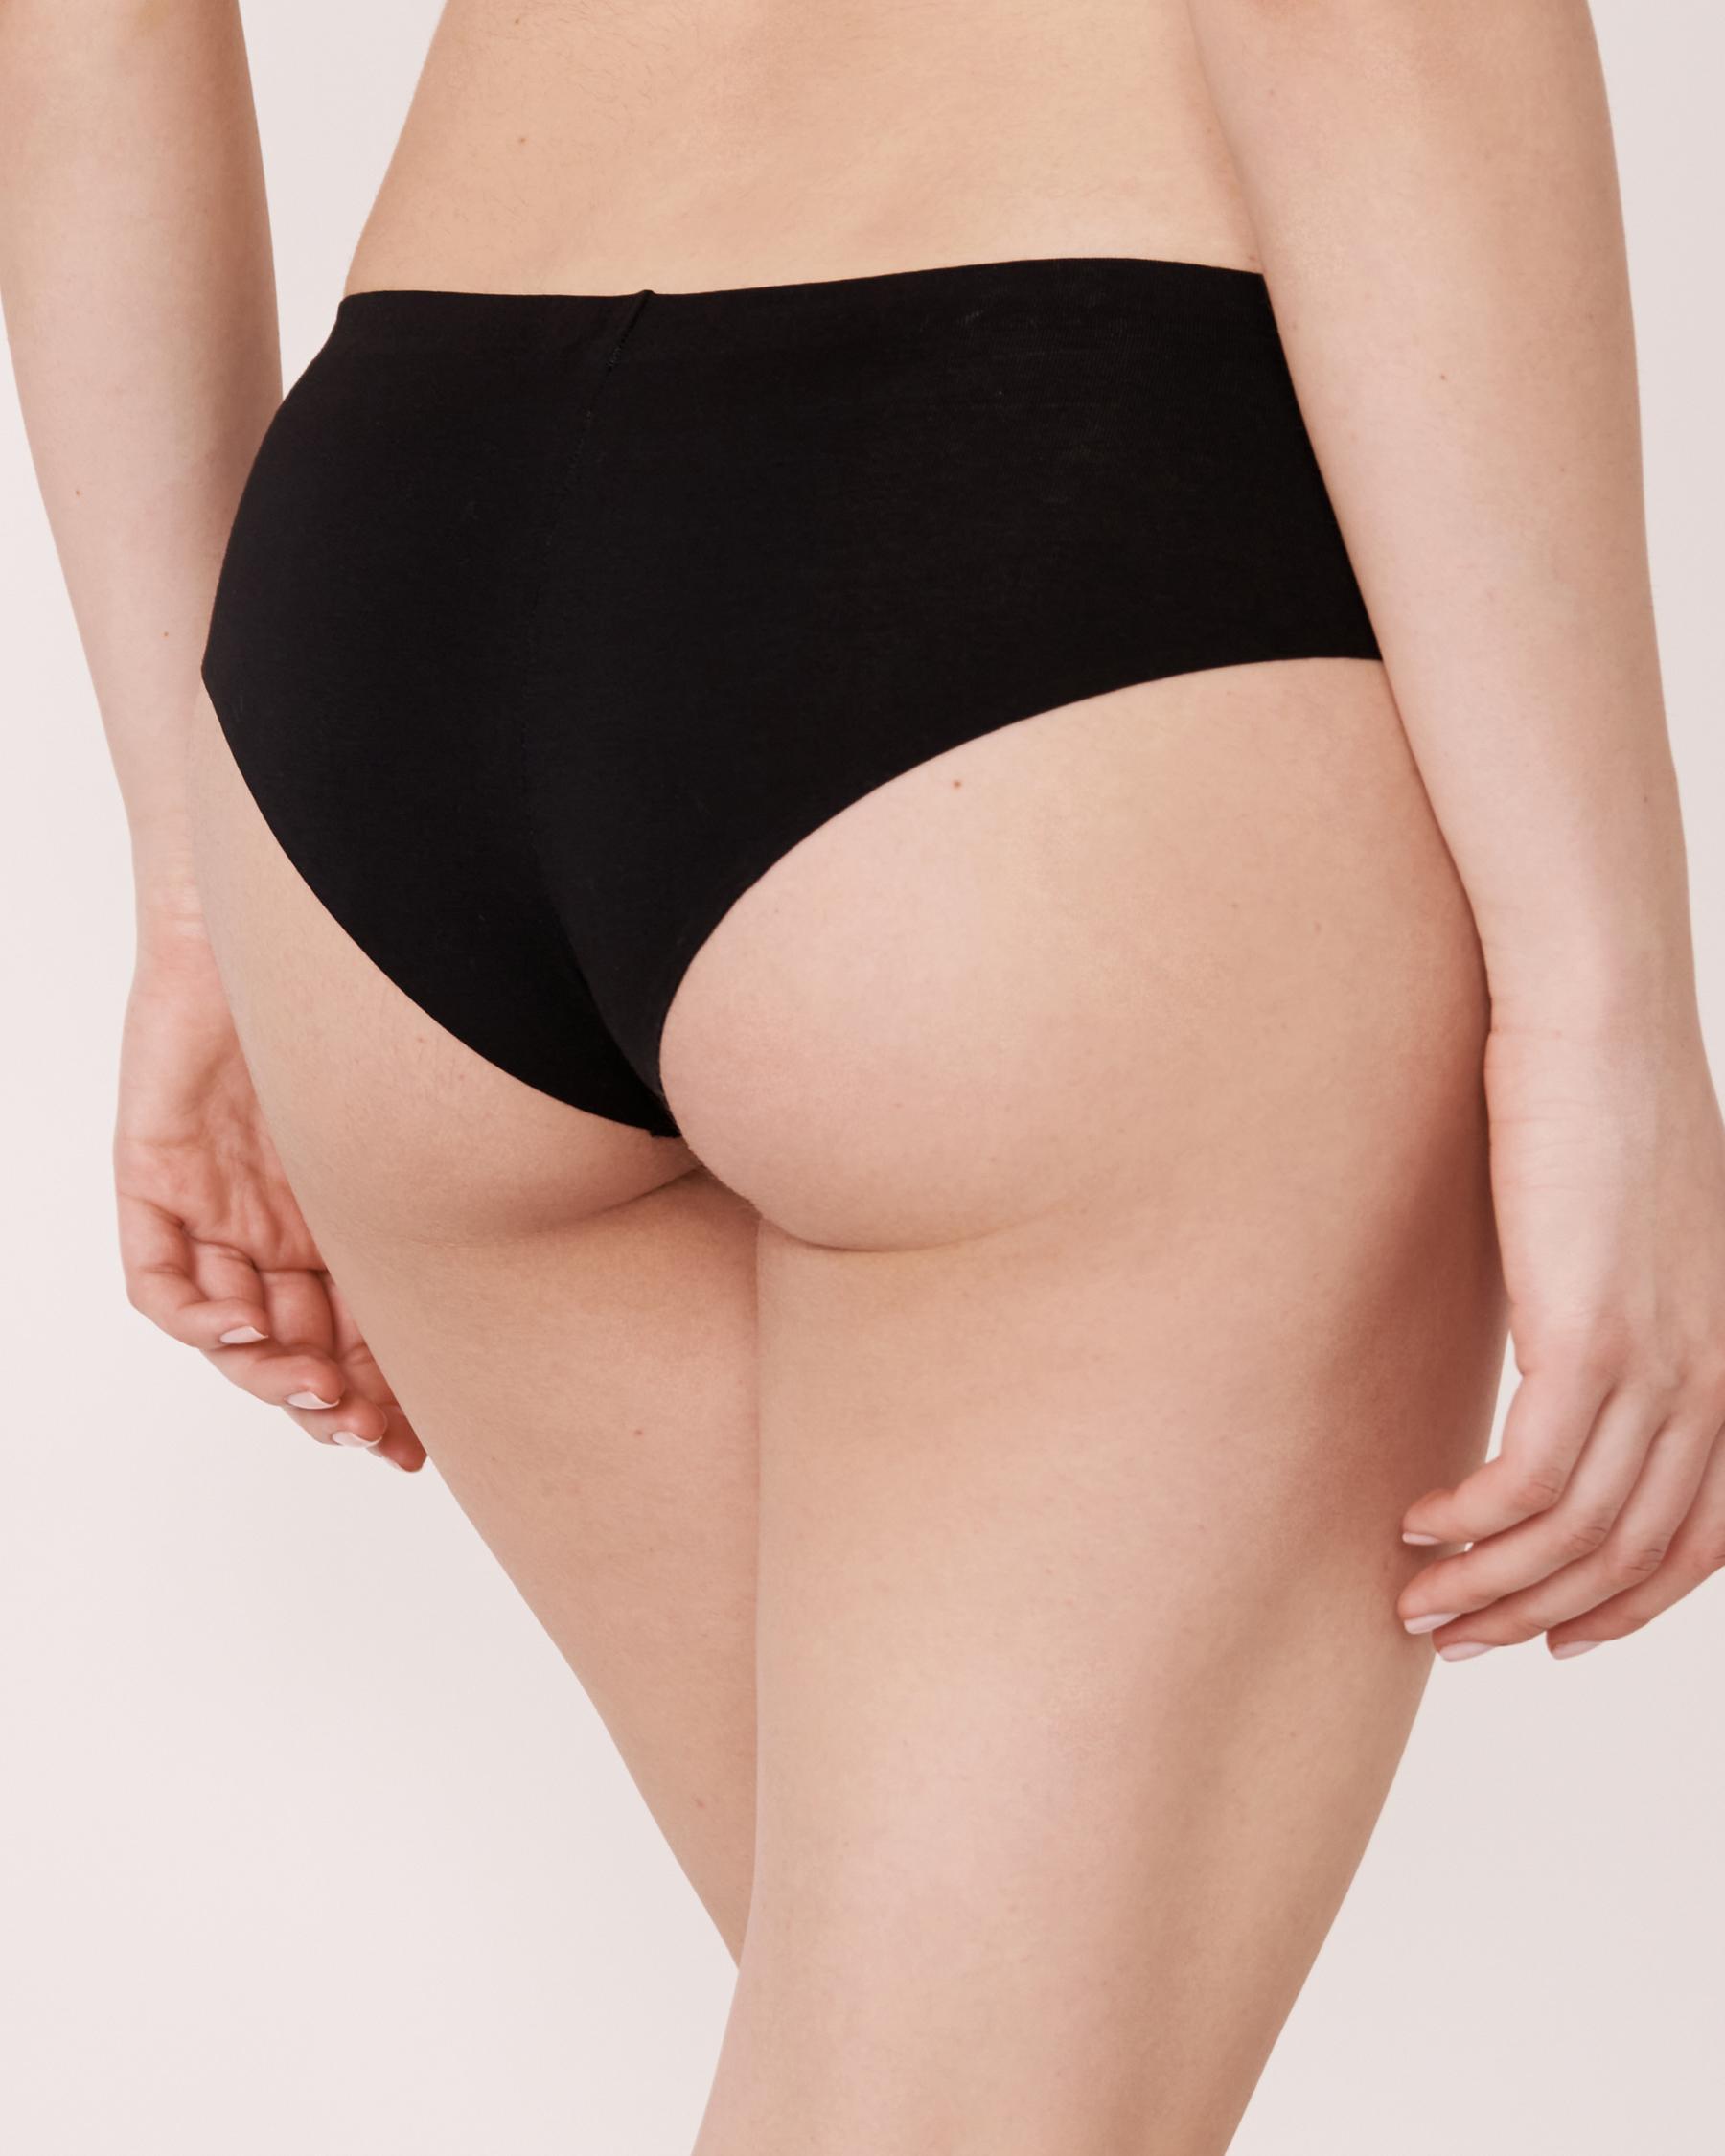 LA VIE EN ROSE Cheeky Panty Black 20200062 - View2